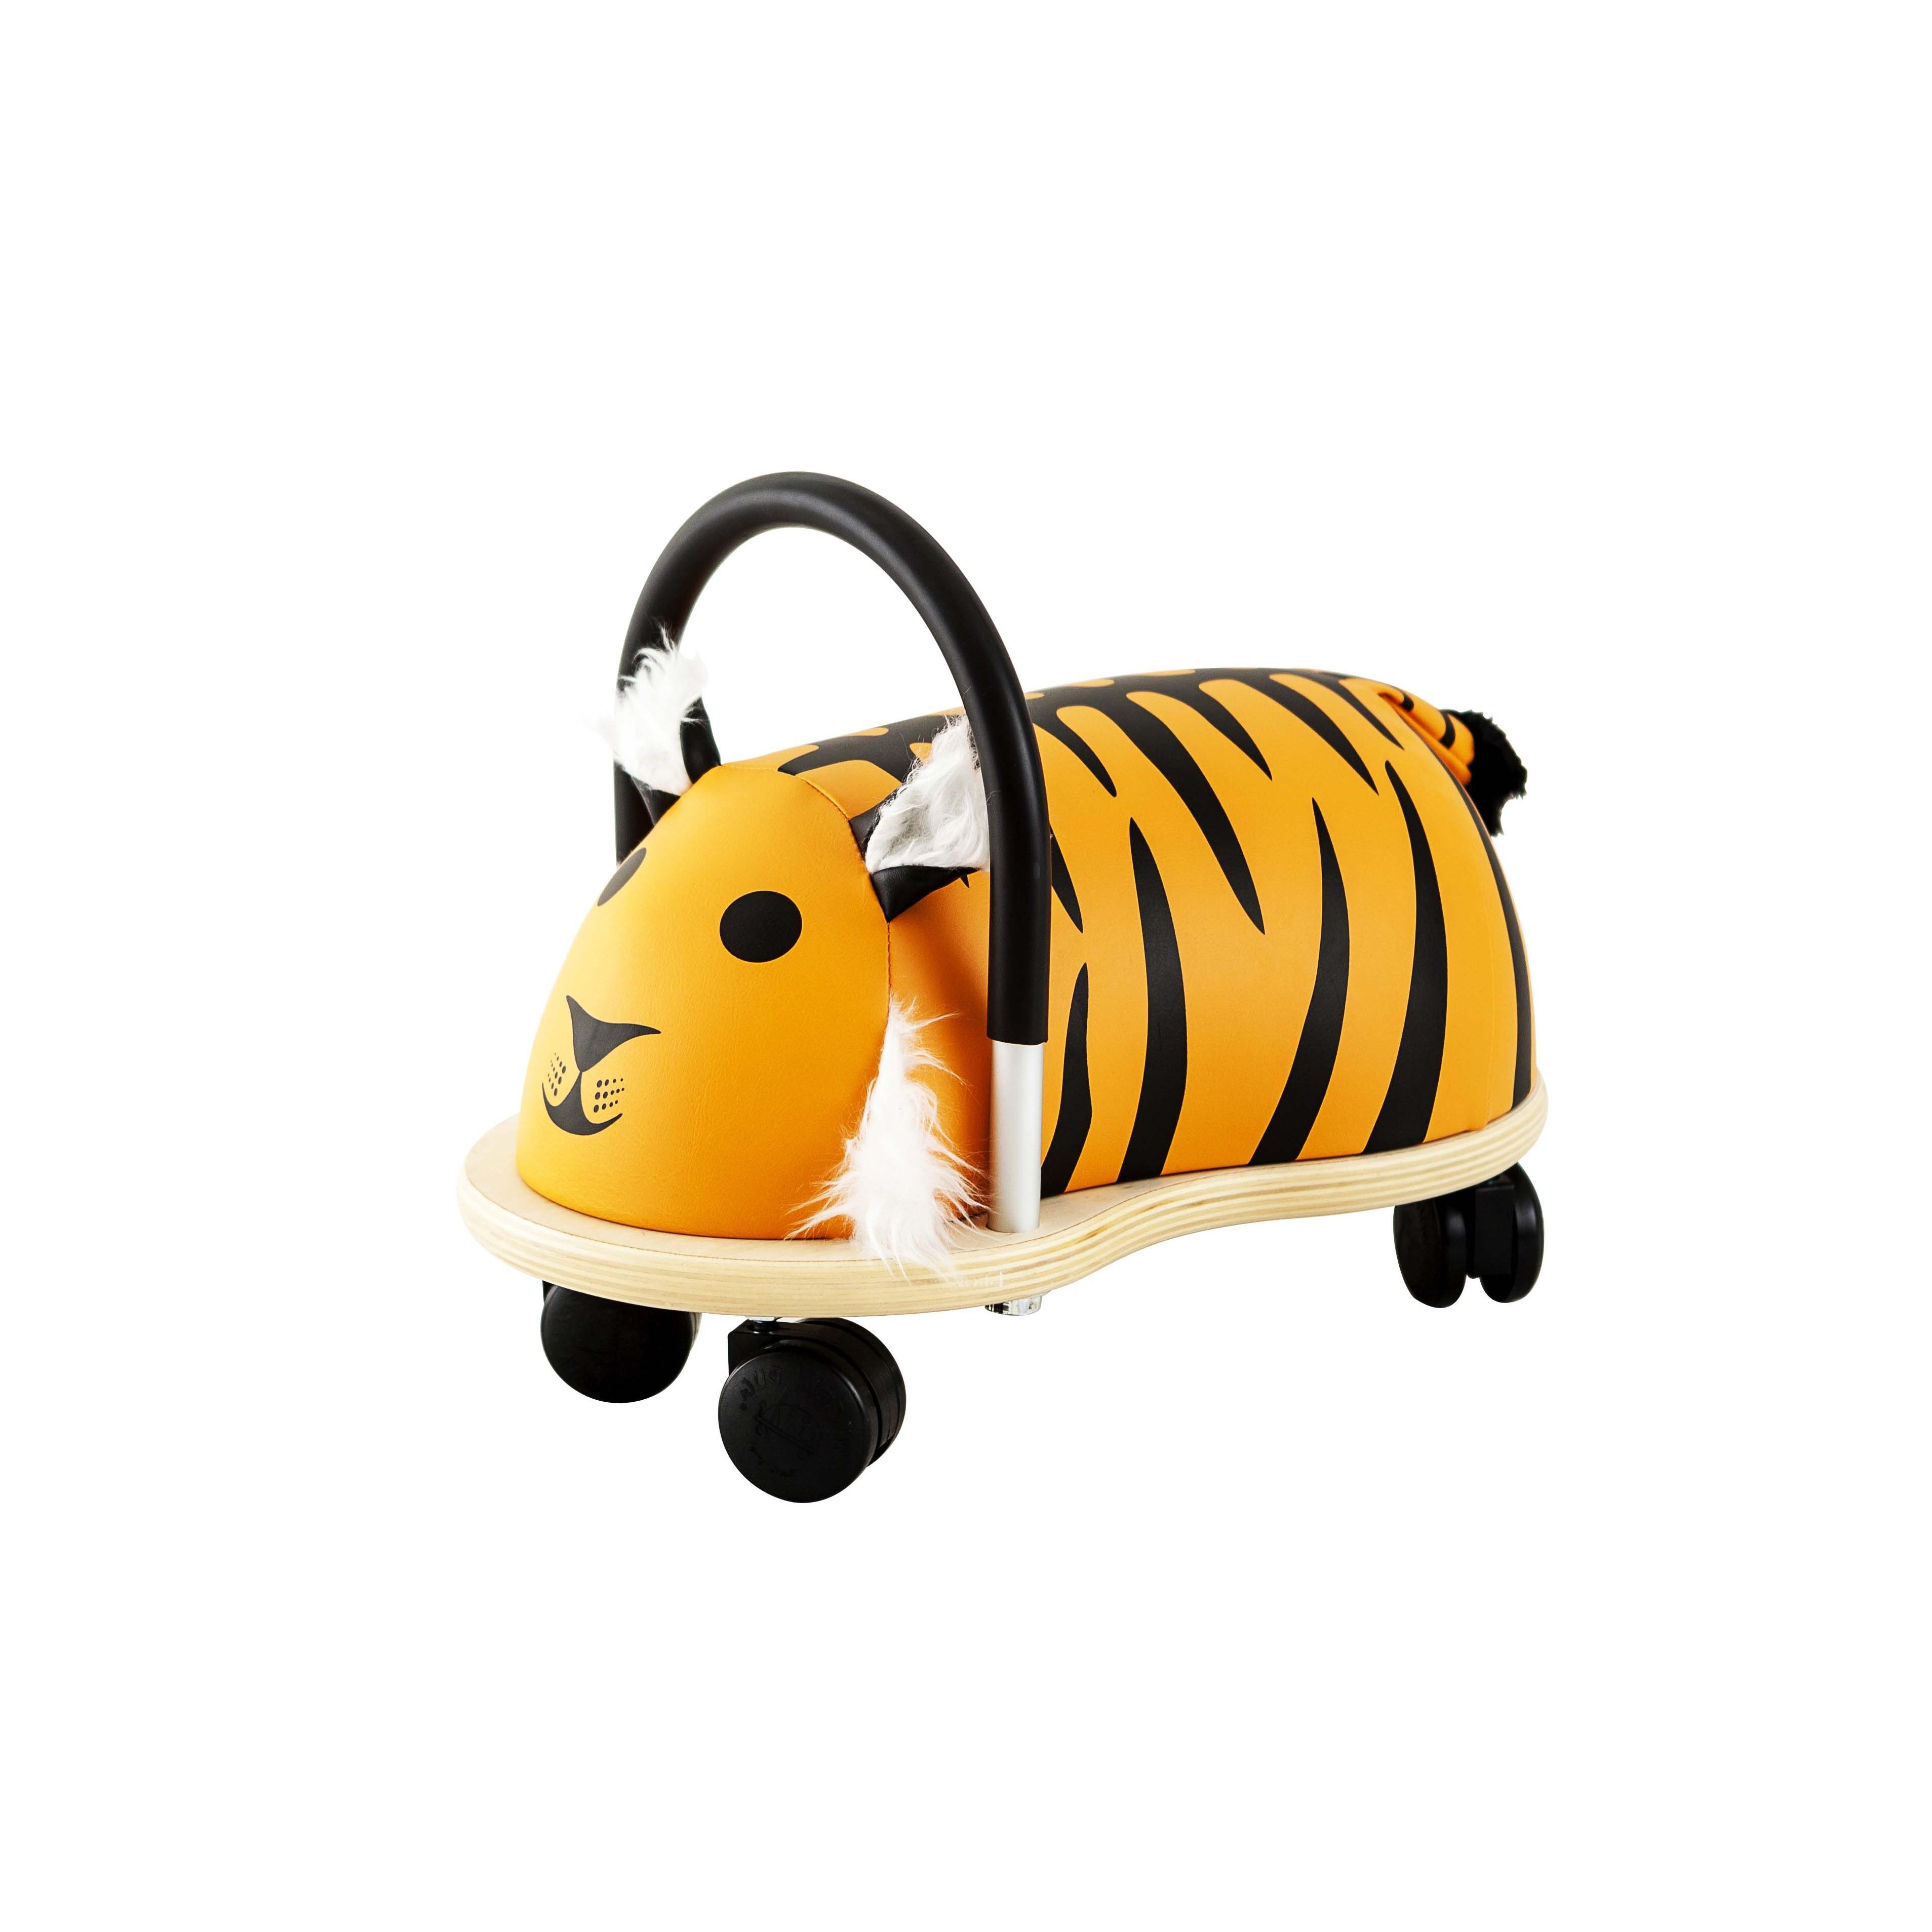 Wheely bug – Wheely bug tiger - lille, +10 stk. på lager fra pixizoo